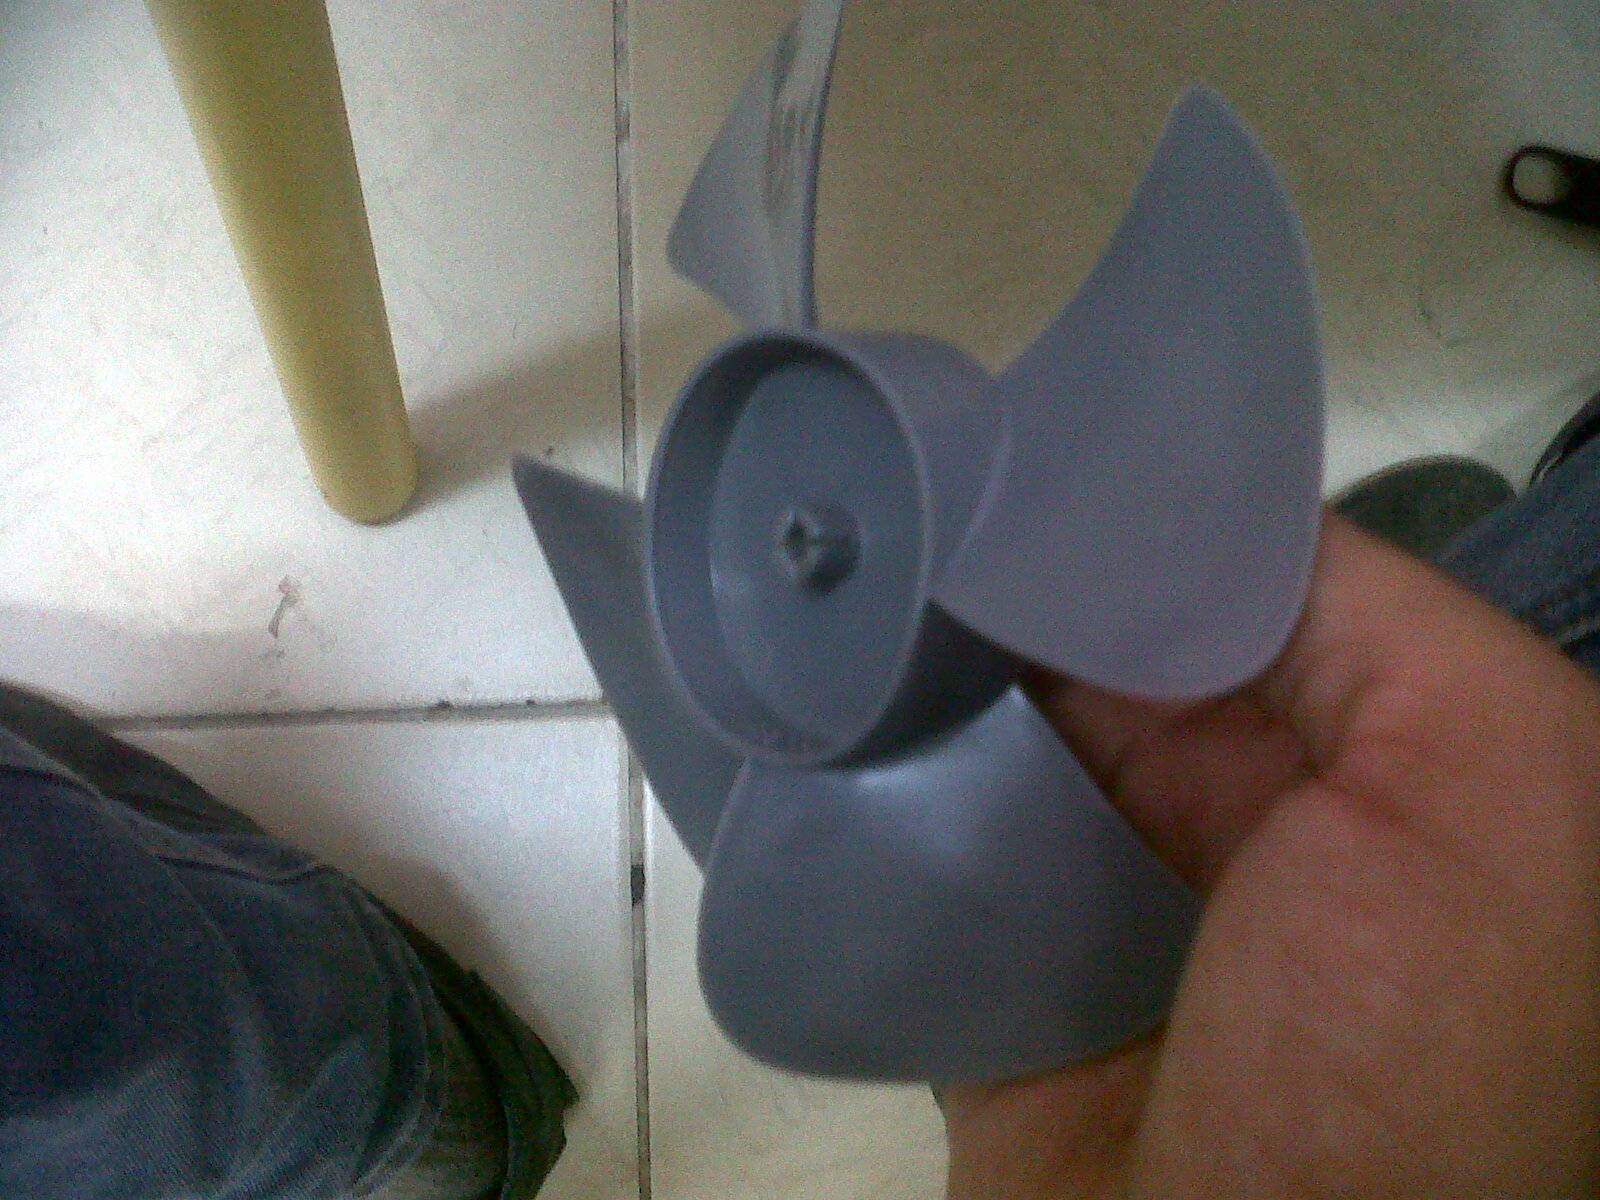 Como hacer aspas de ventilador airea condicionado - Como hacer un abanico ...